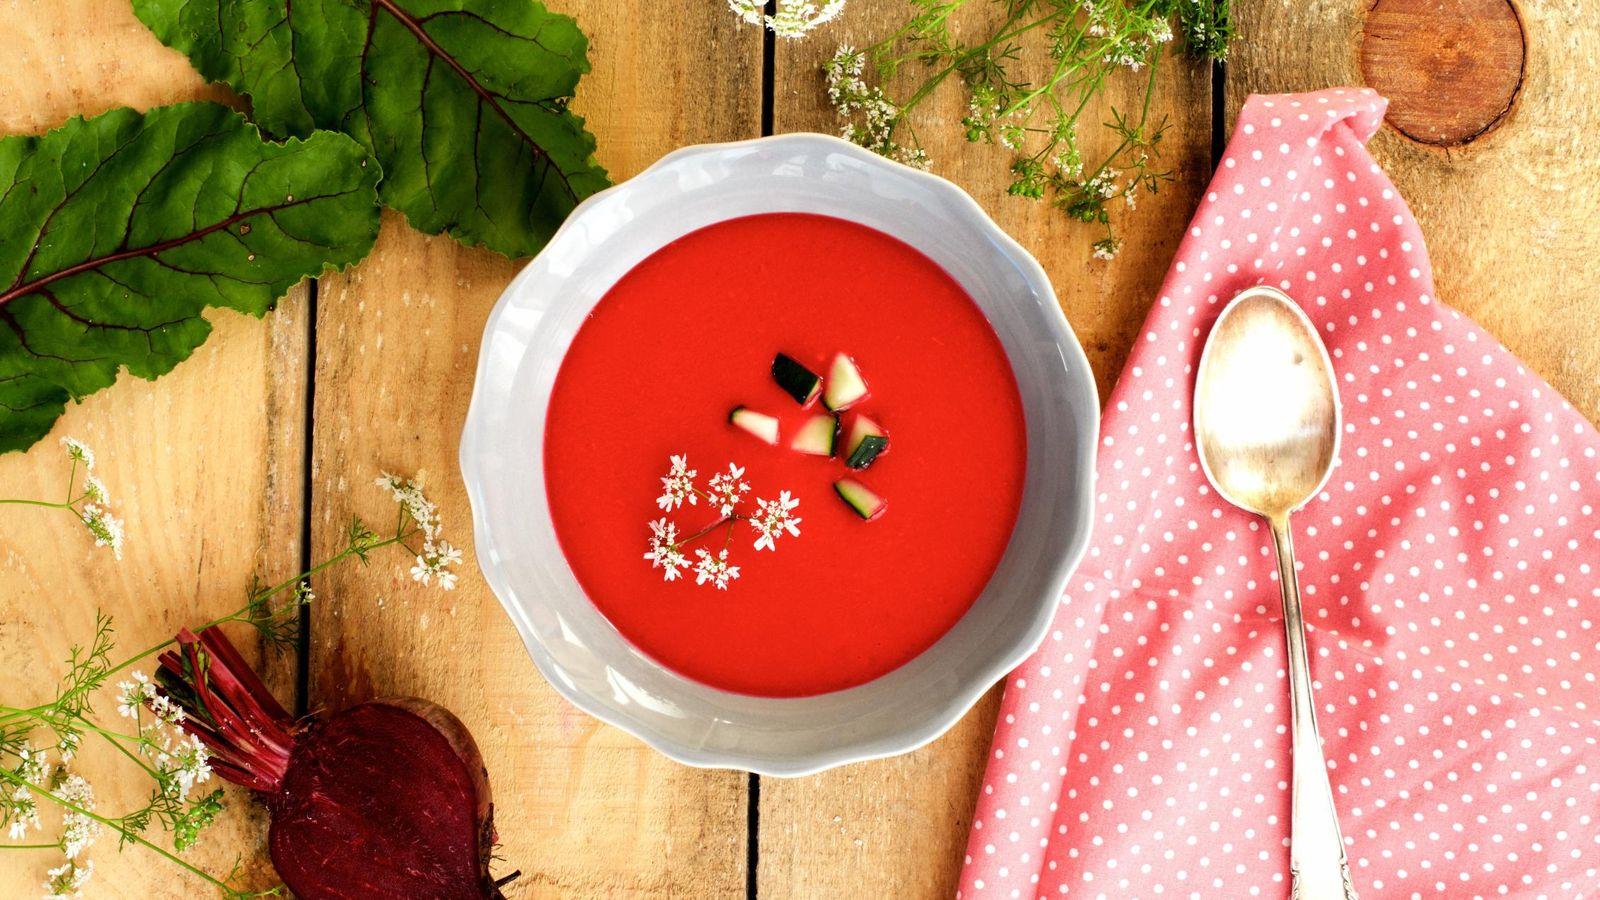 Recetas operaci n bikini cuatro recetas primaverales de for Los mejores blogs de cocina